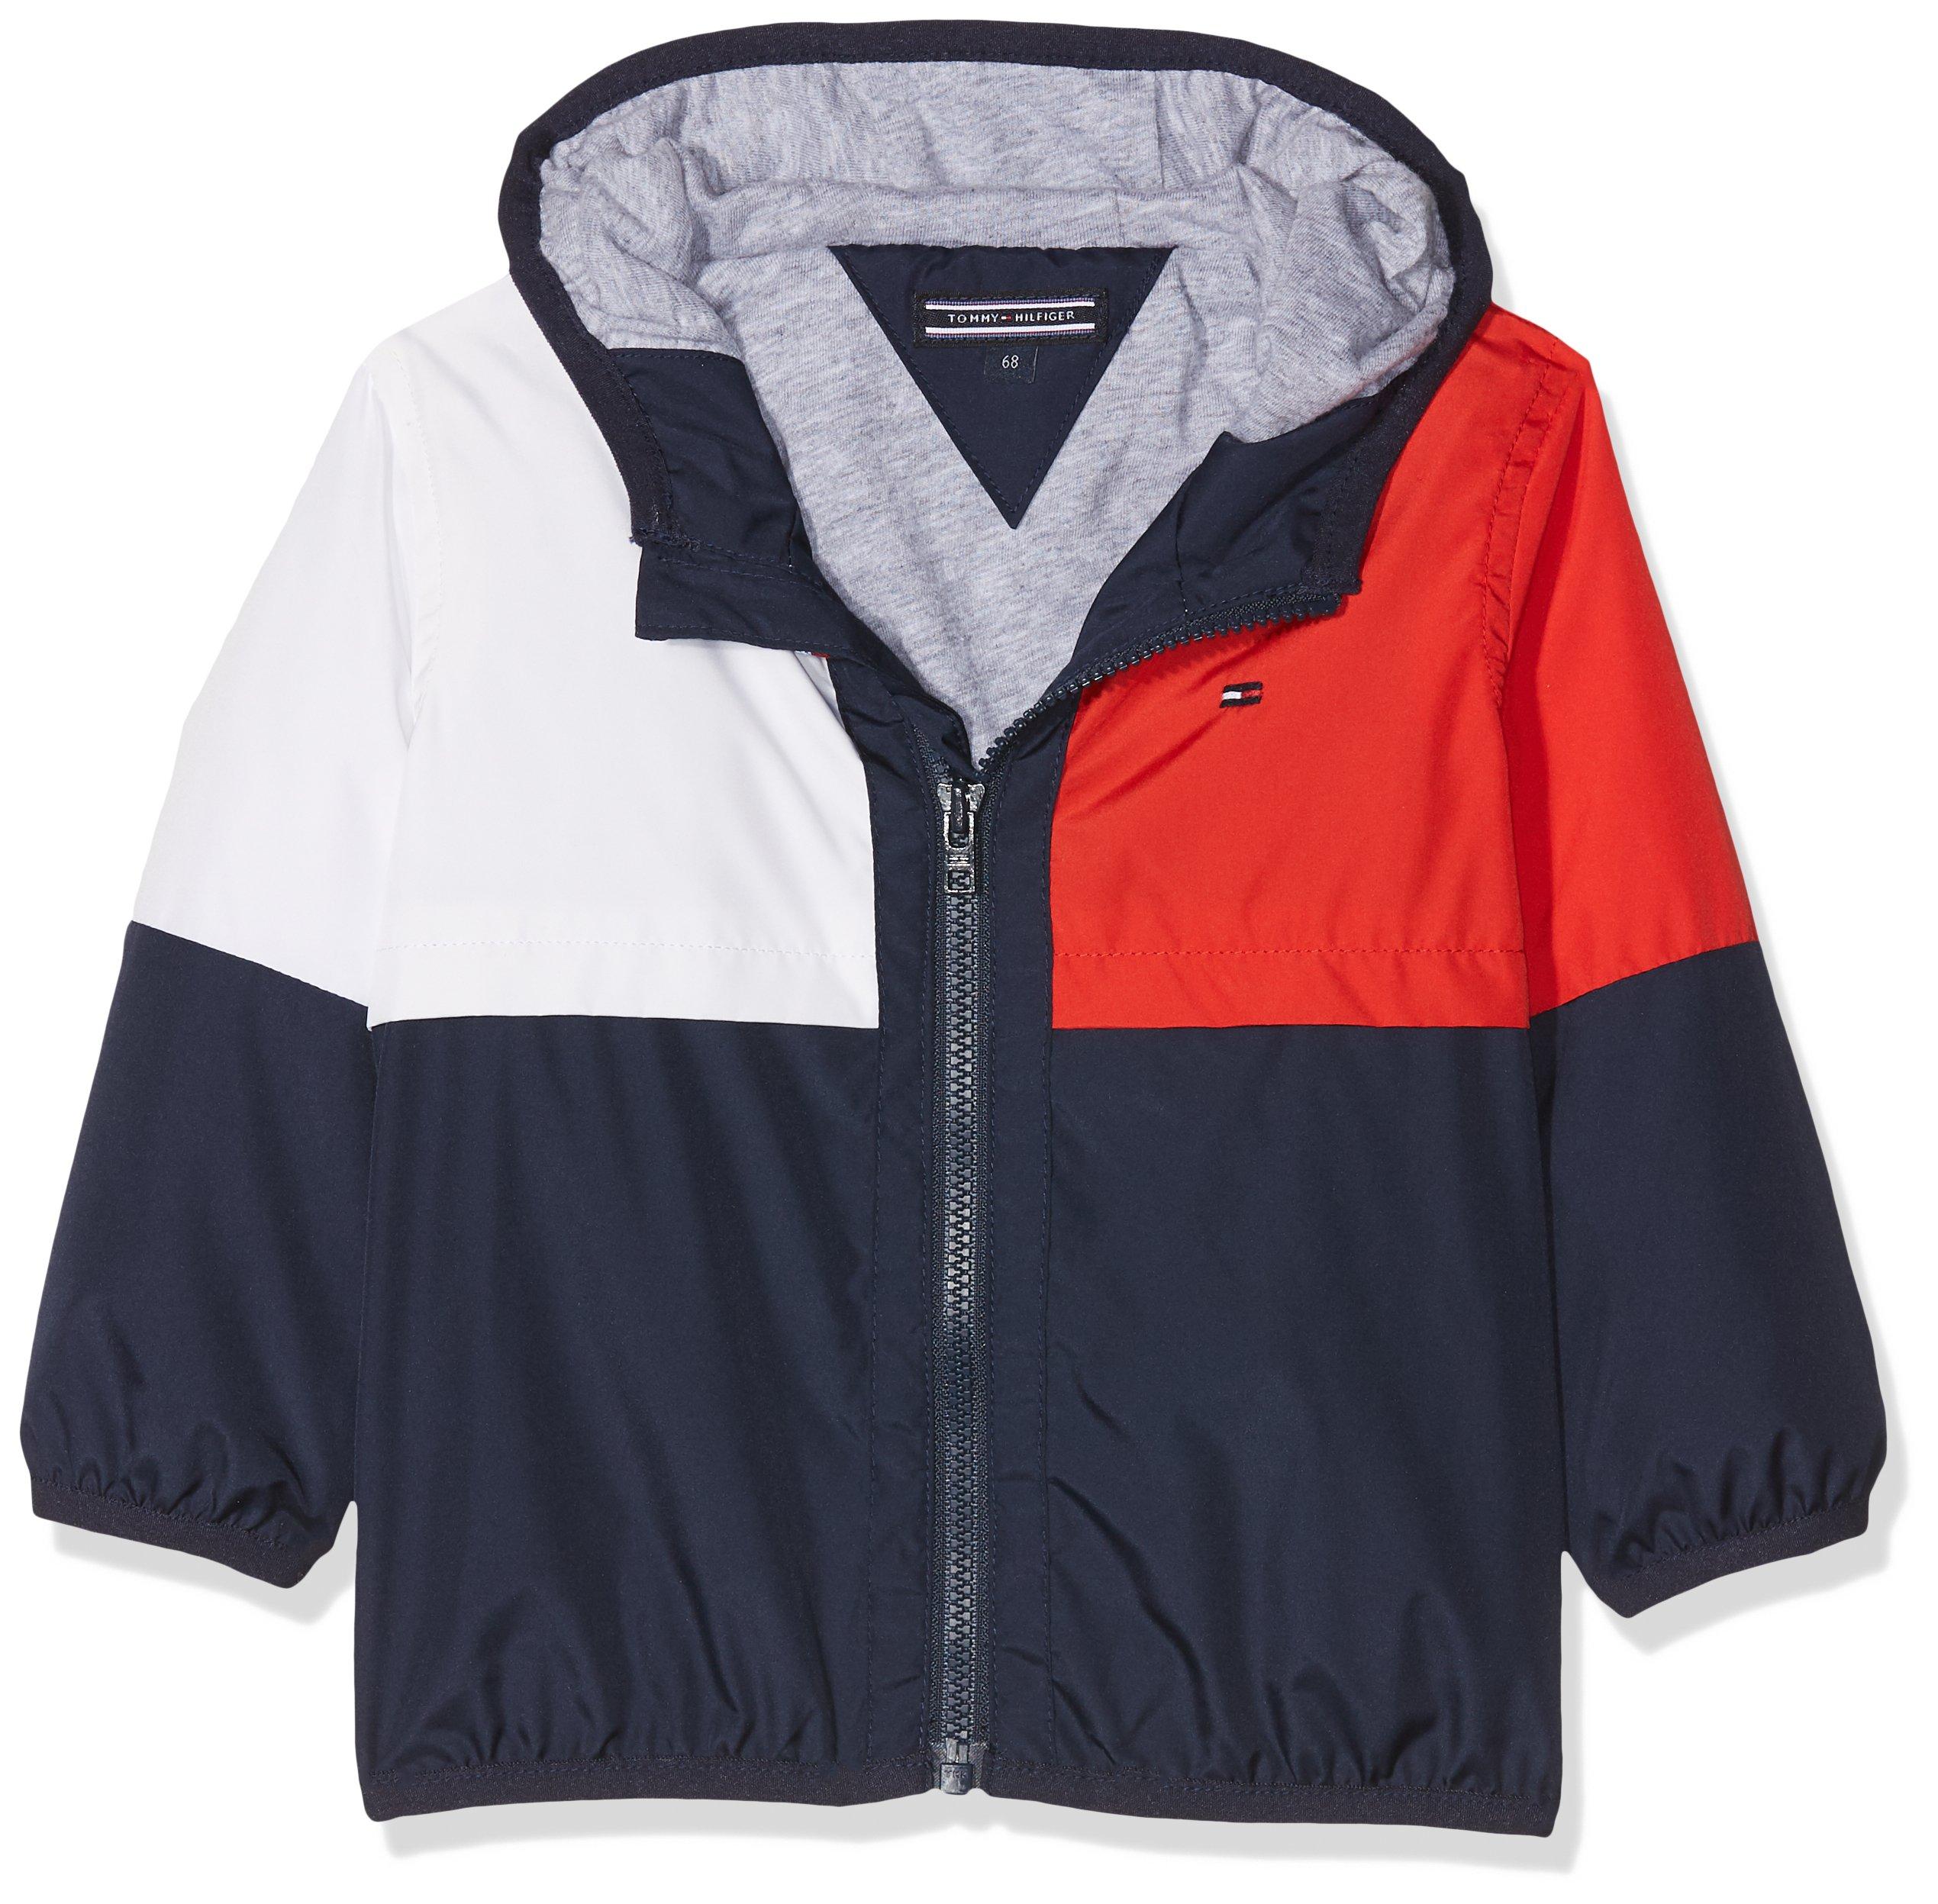 Tommy Hilfiger Peppy Color Block Jacket Chaqueta para Bebés